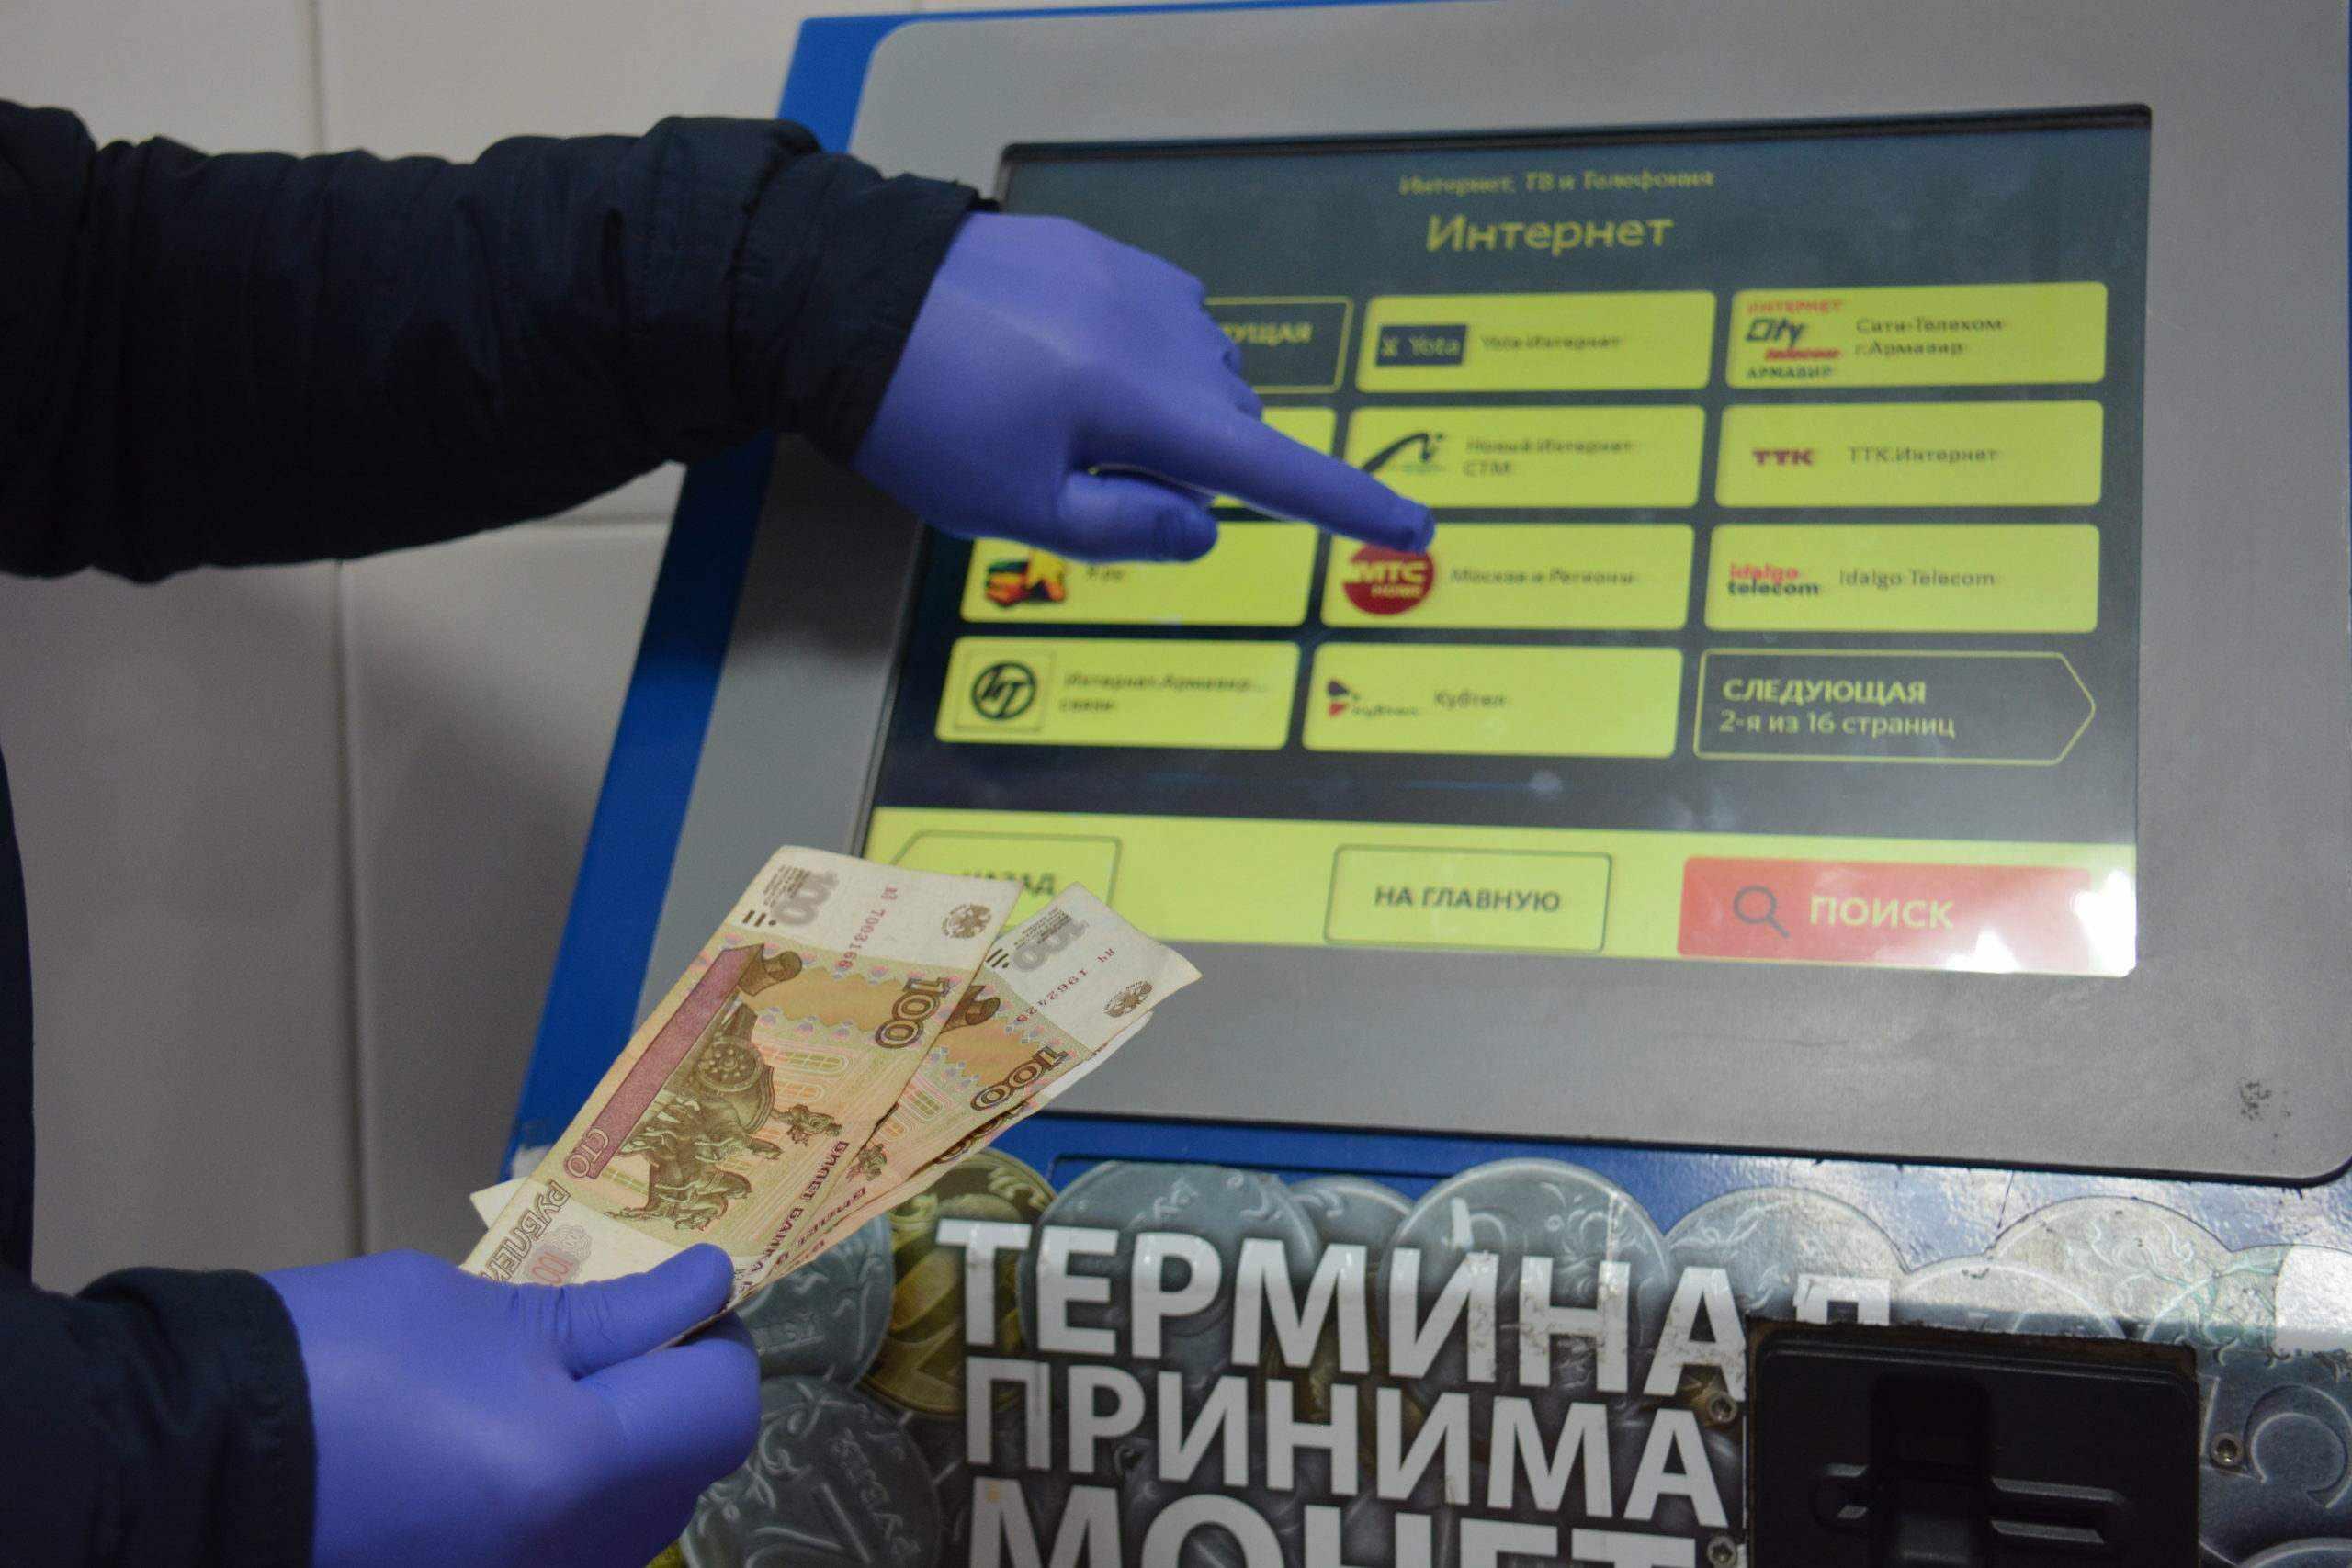 Магия мошенников или страх за сбережения? В Новороссийске очередная жертва добровольно отдала деньги